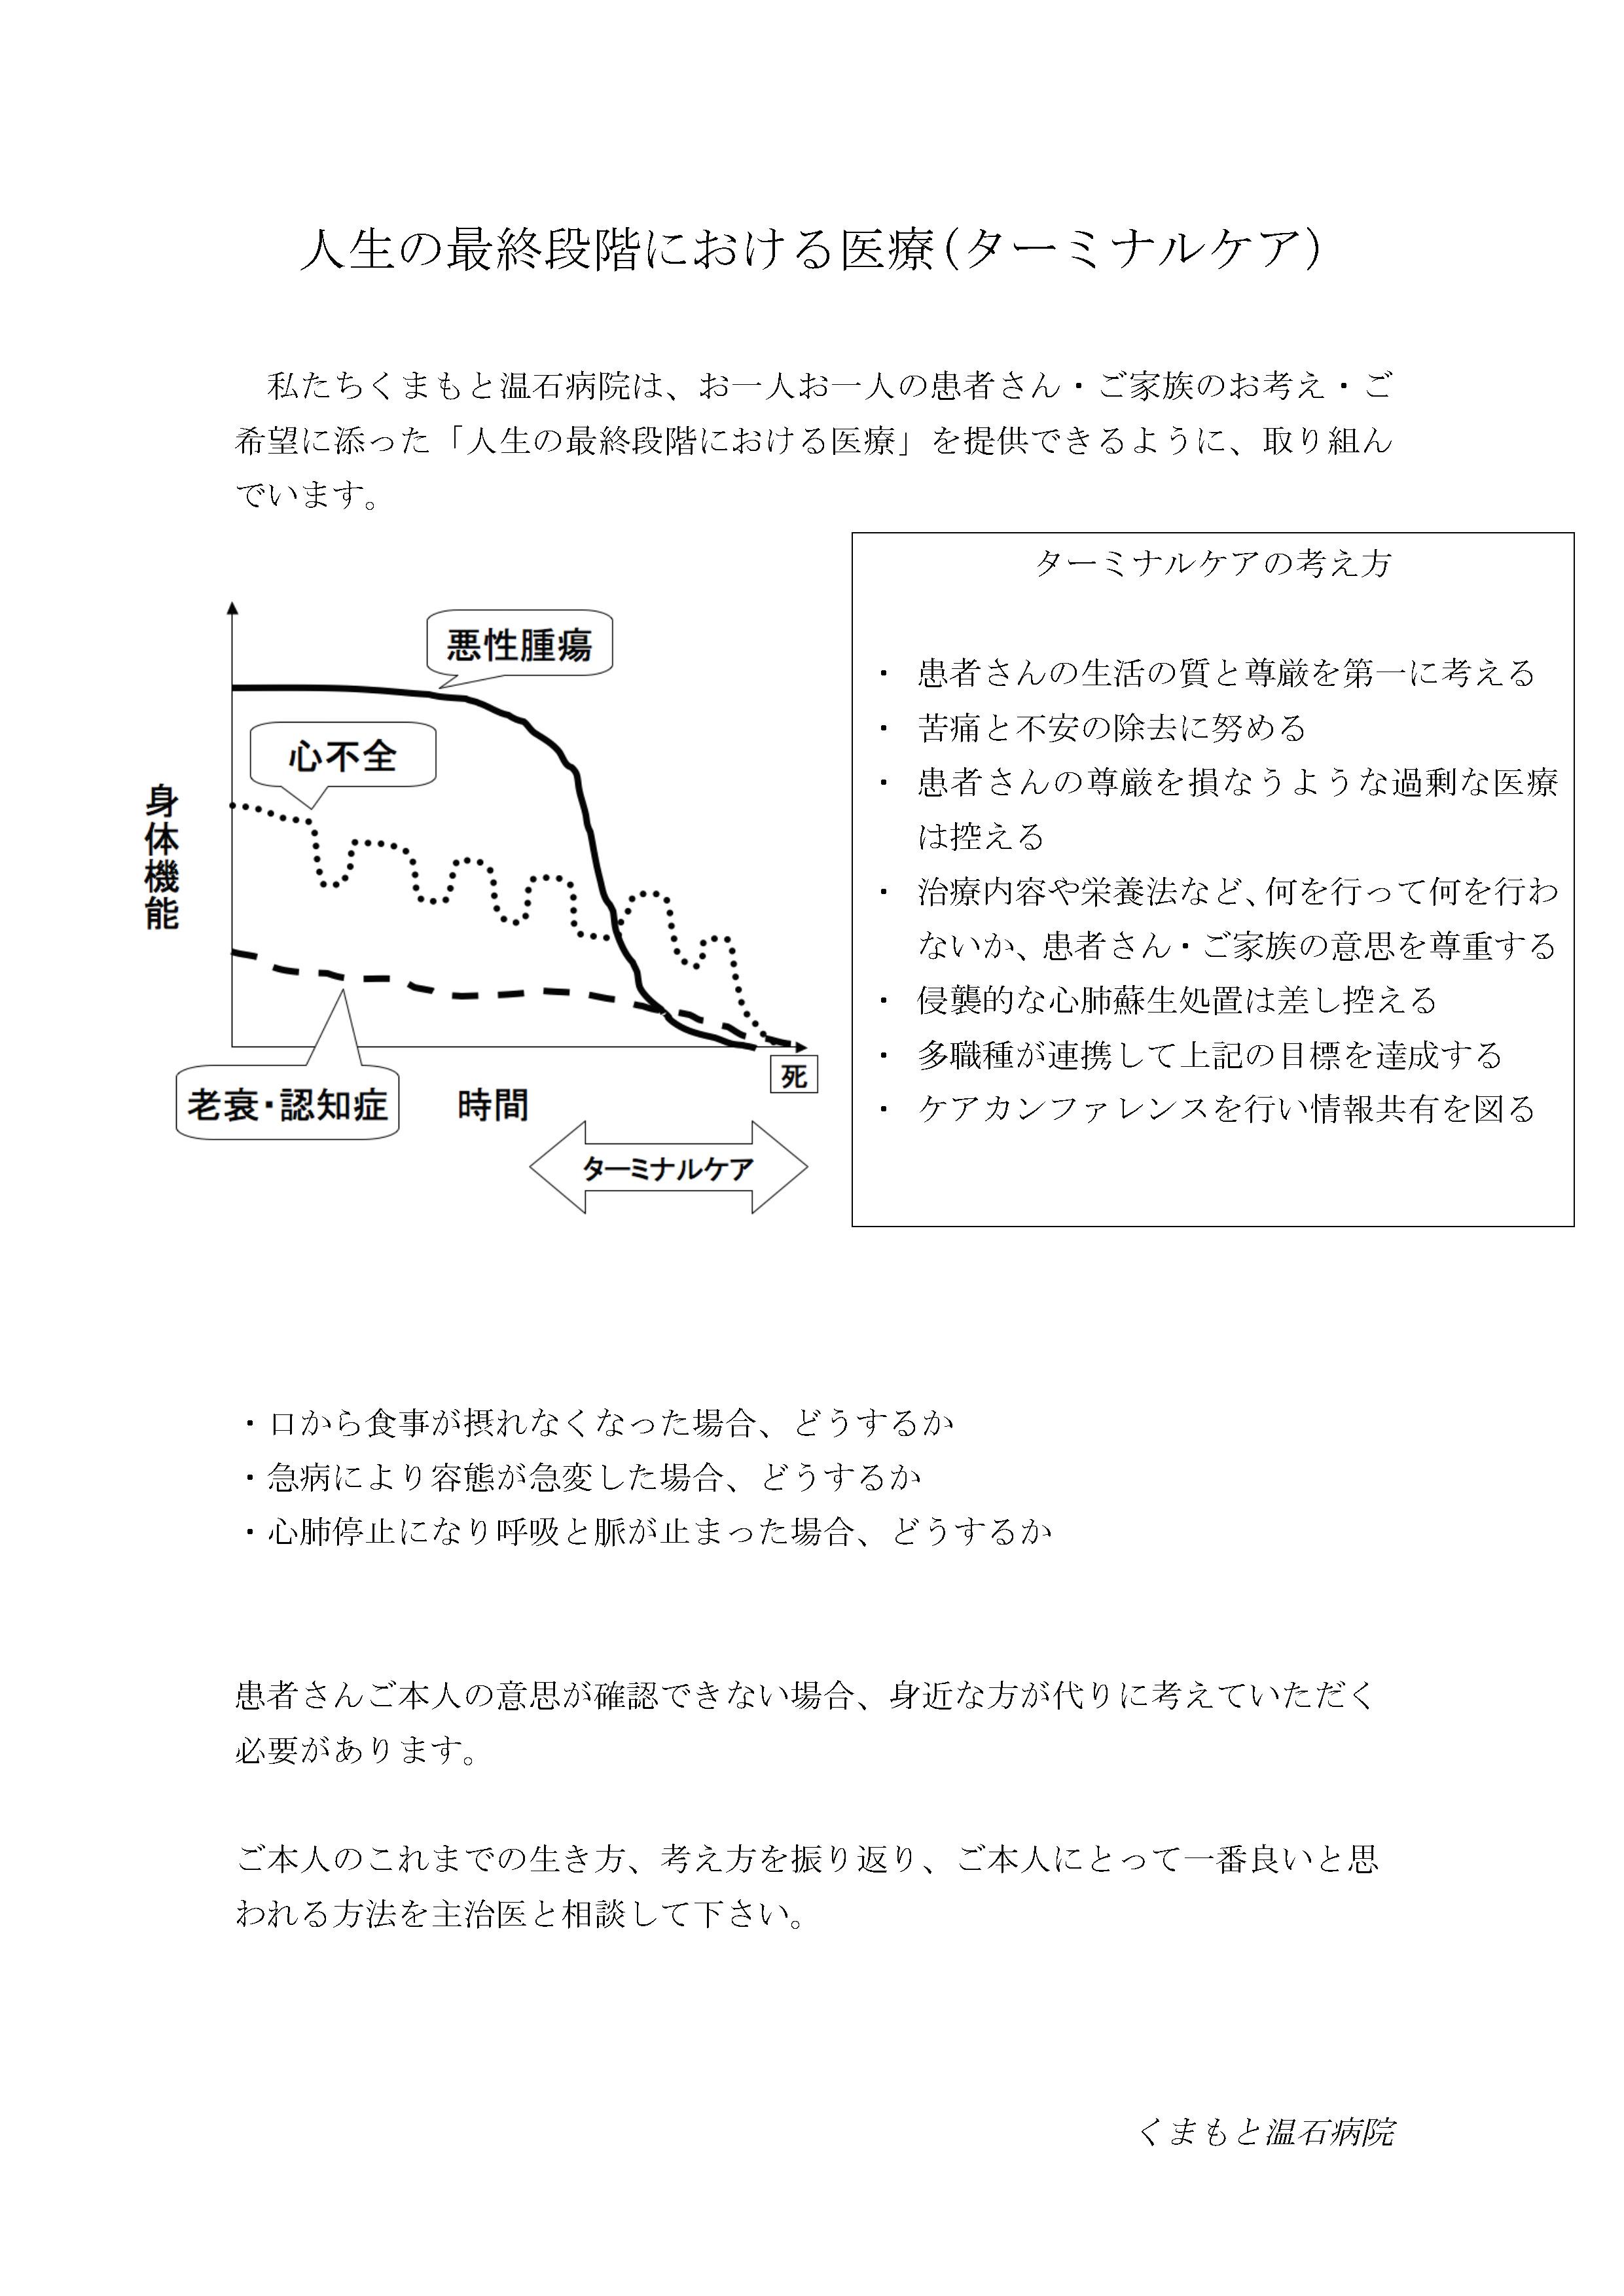 人生の最終段階における医療_ .jpg